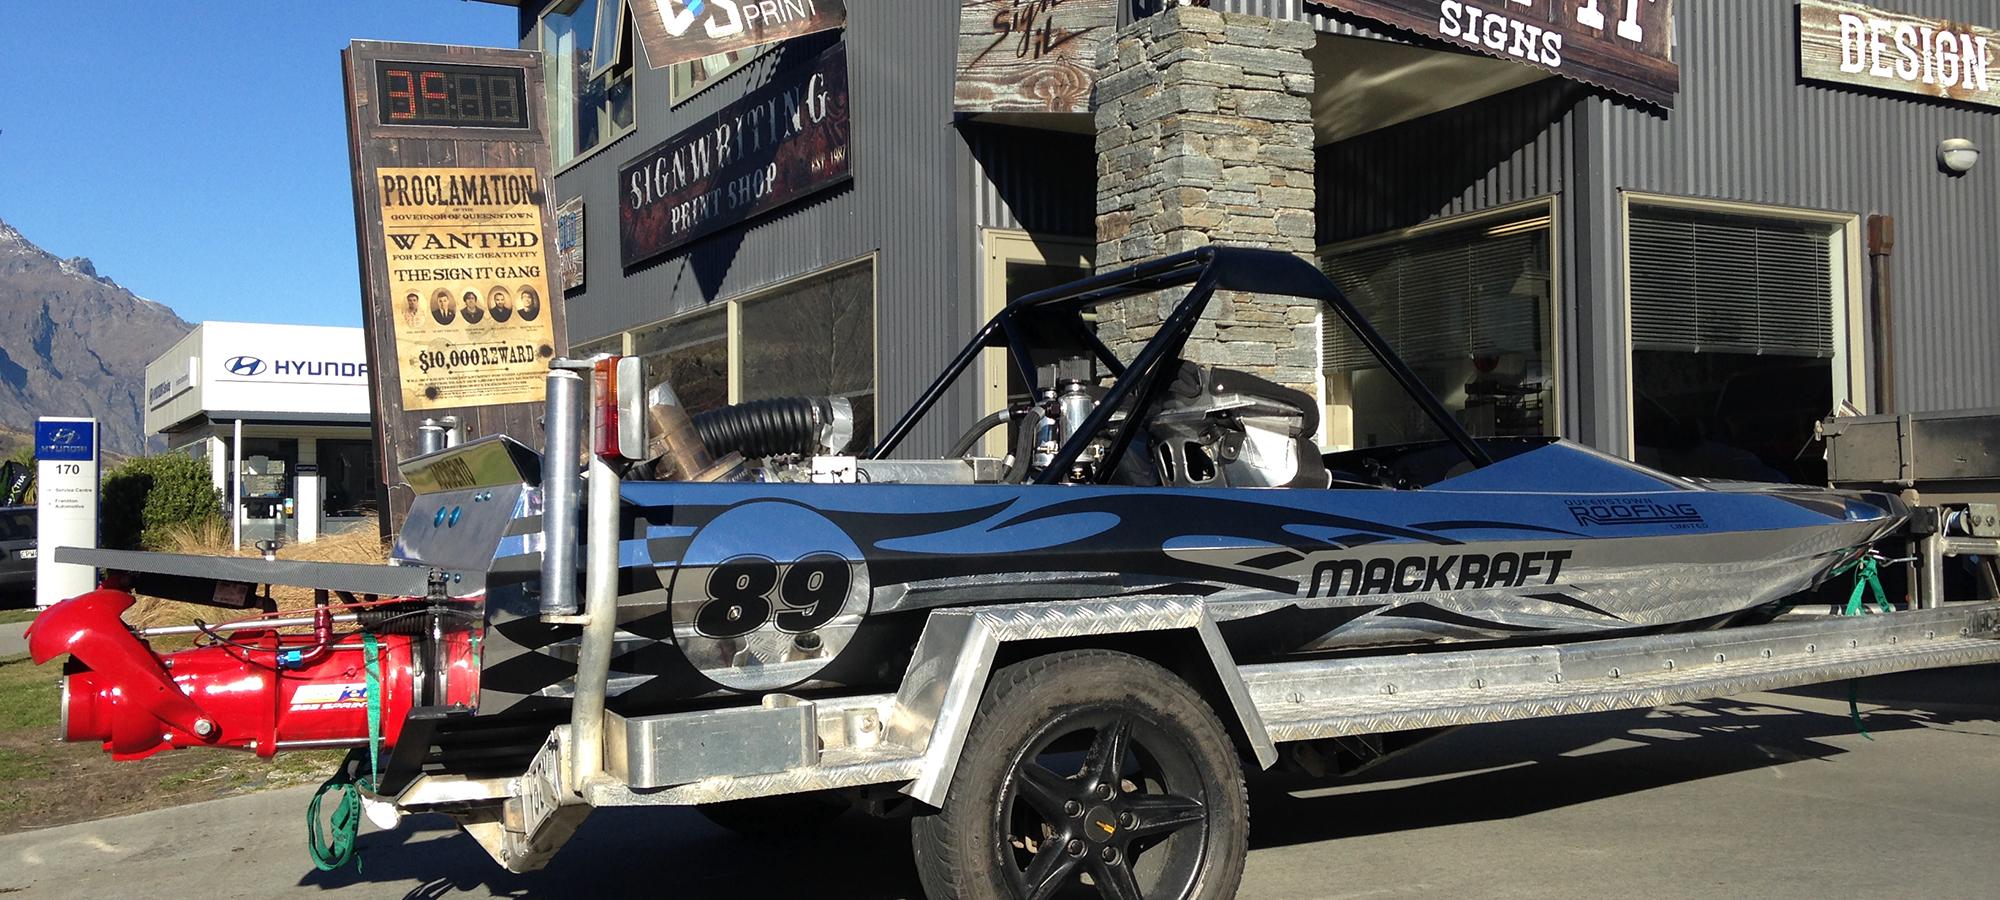 Magkraft Jet Boat